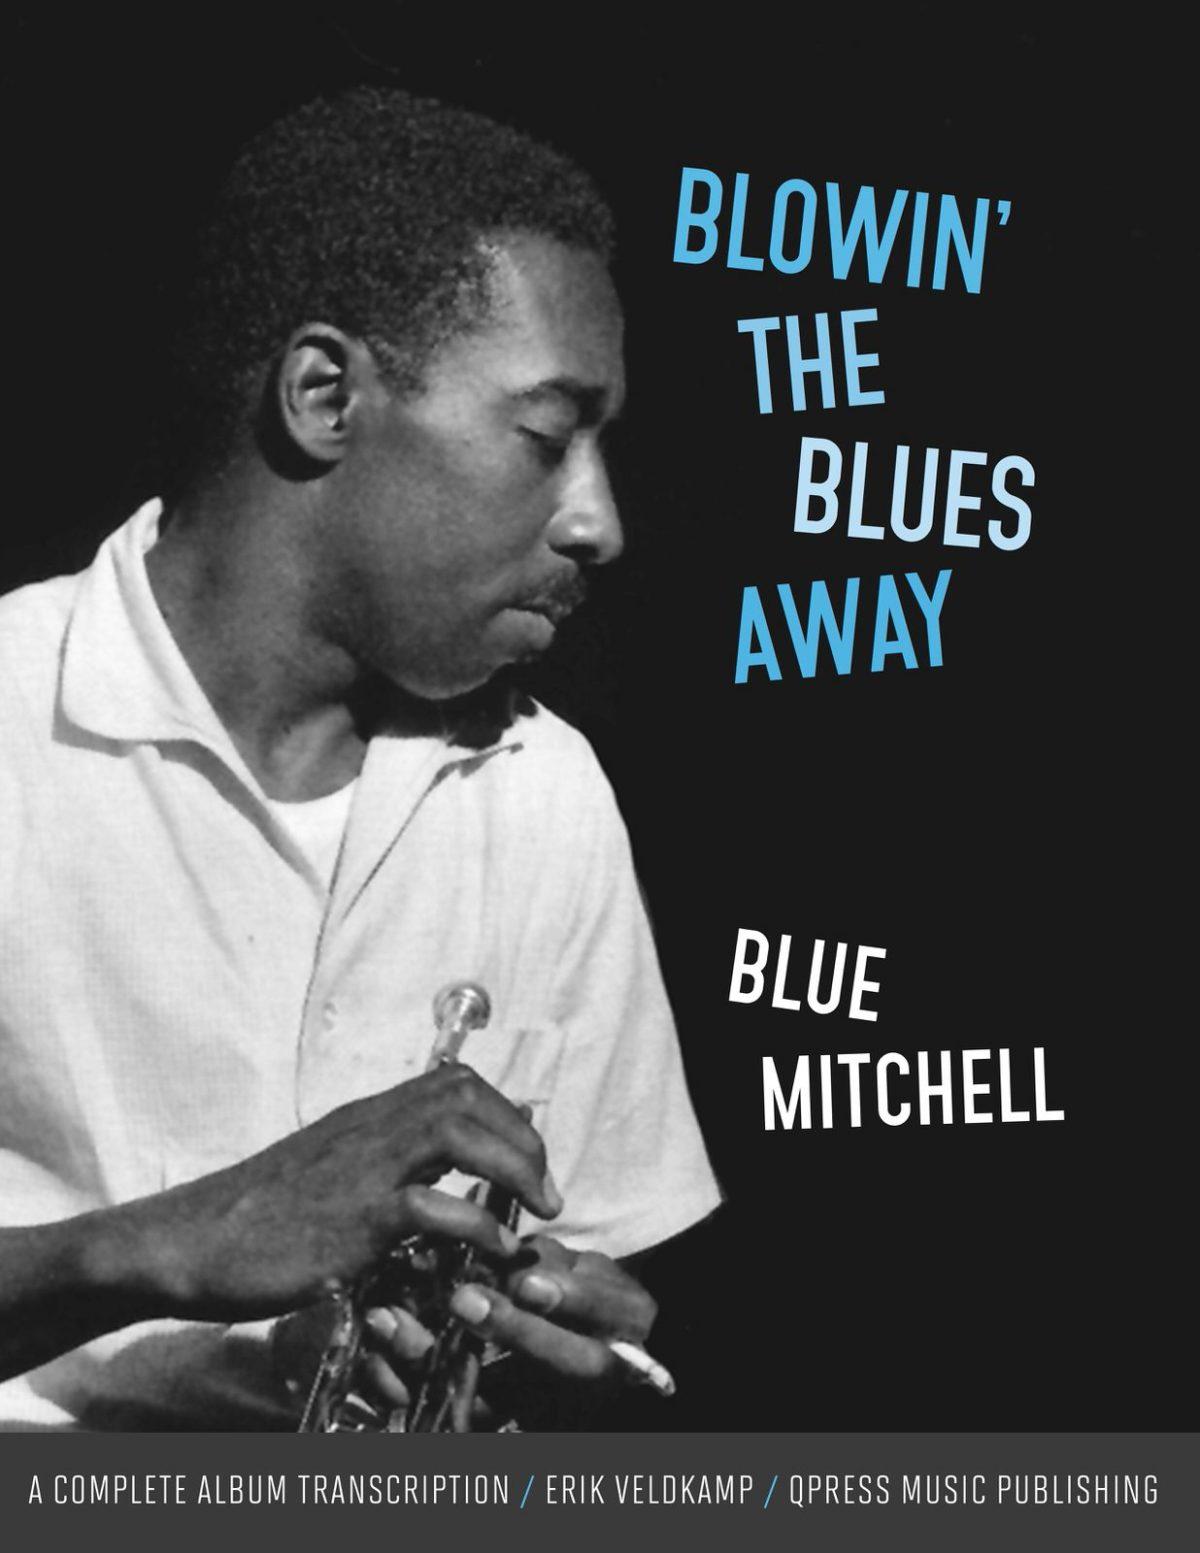 Blowin' The Blues Away (Complete Album Transcription)